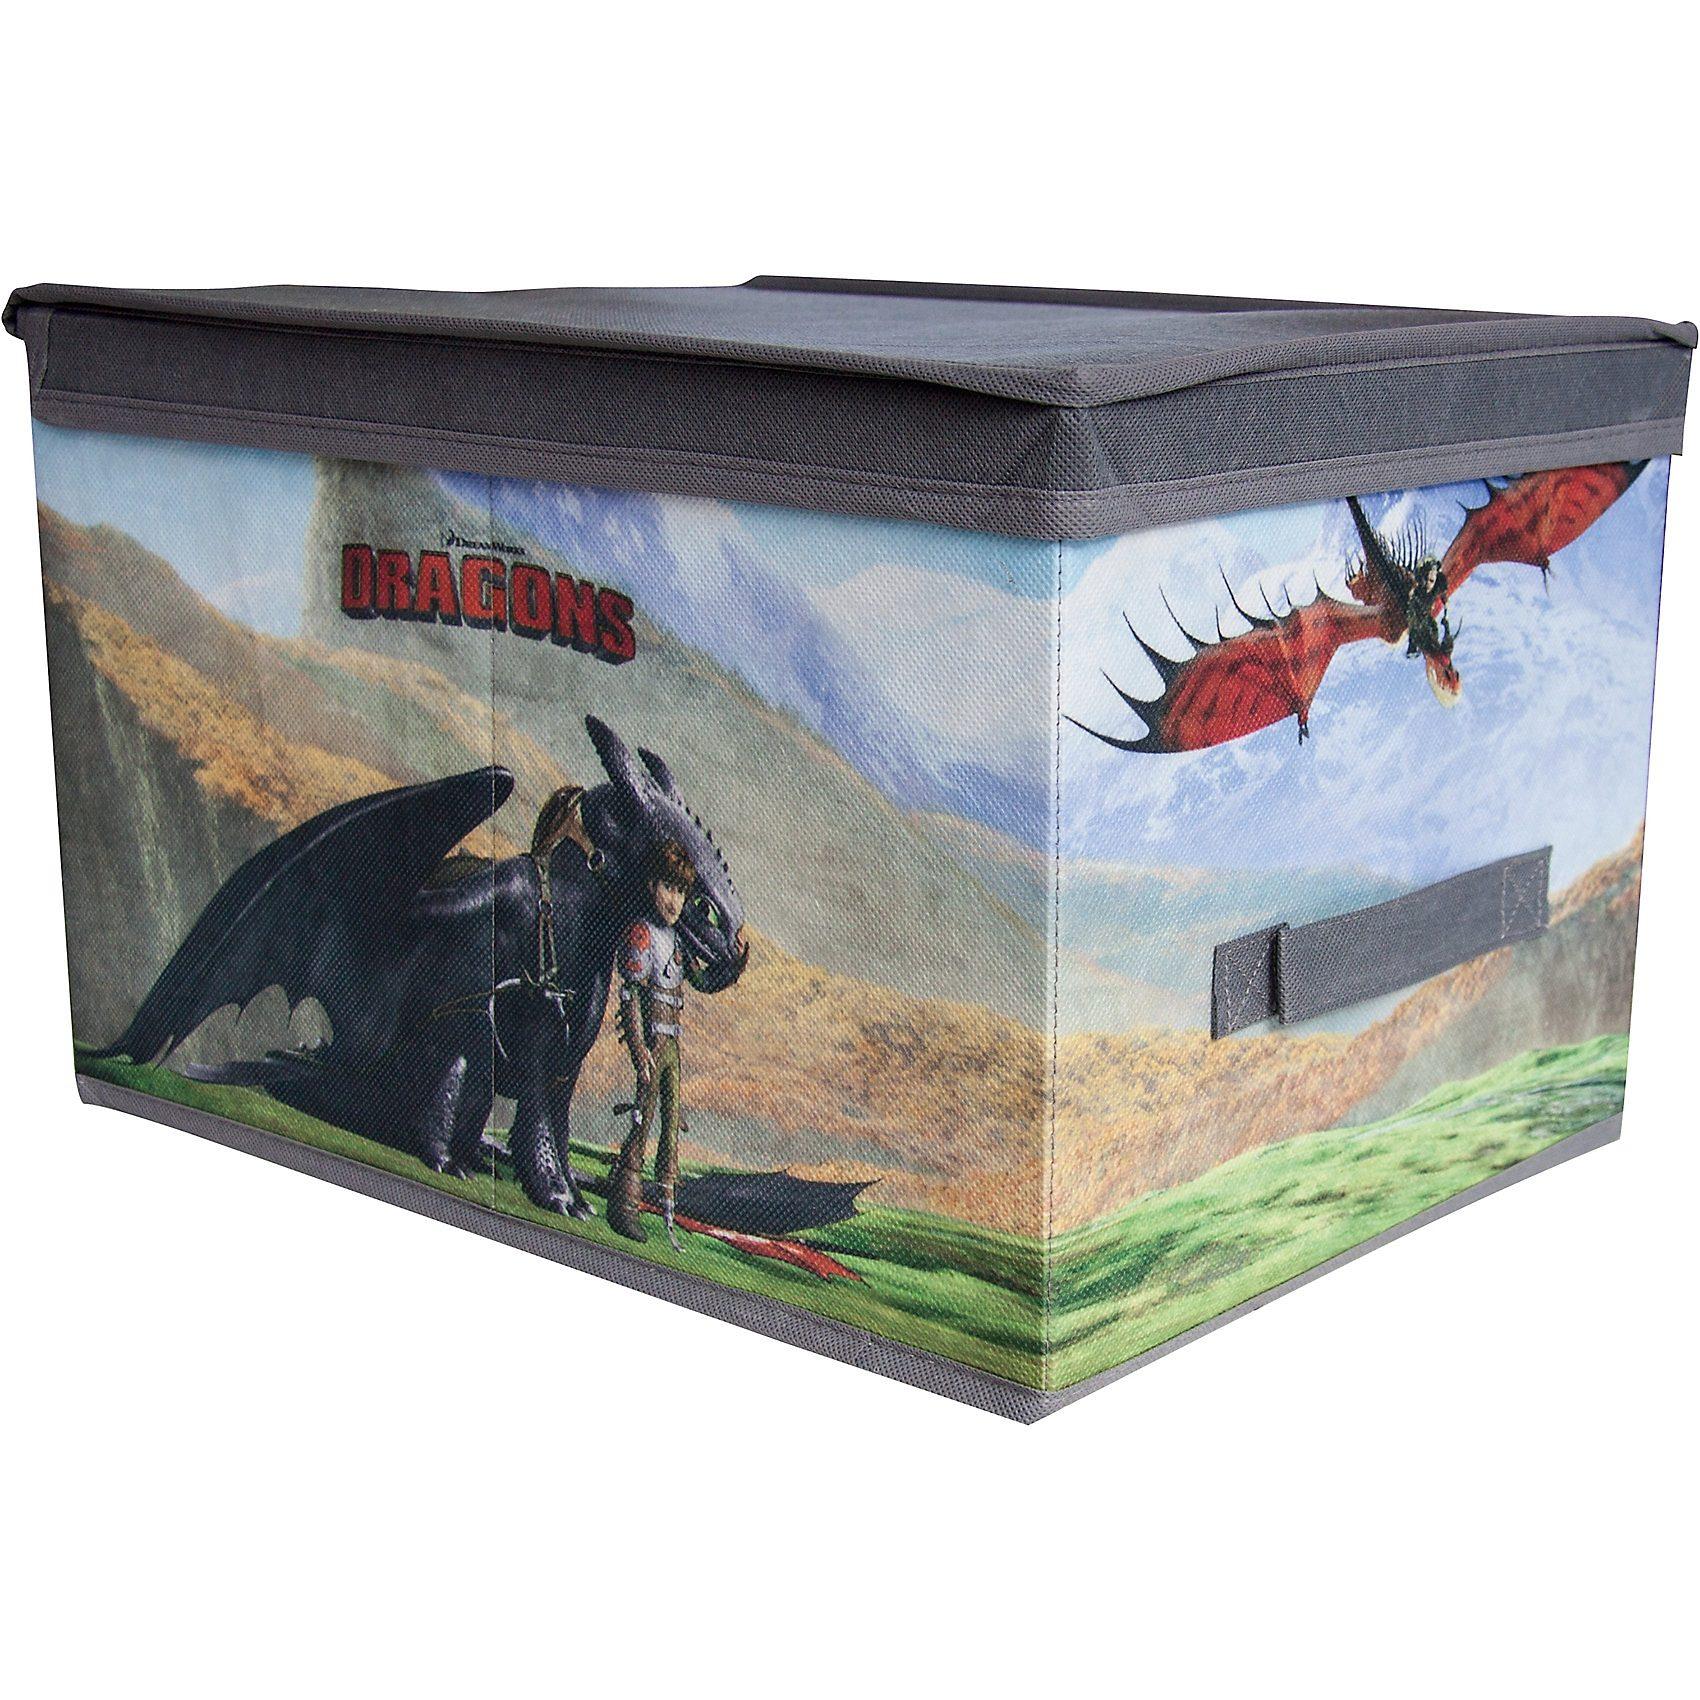 P:OS Aufbewahrungsbox Dragons 2